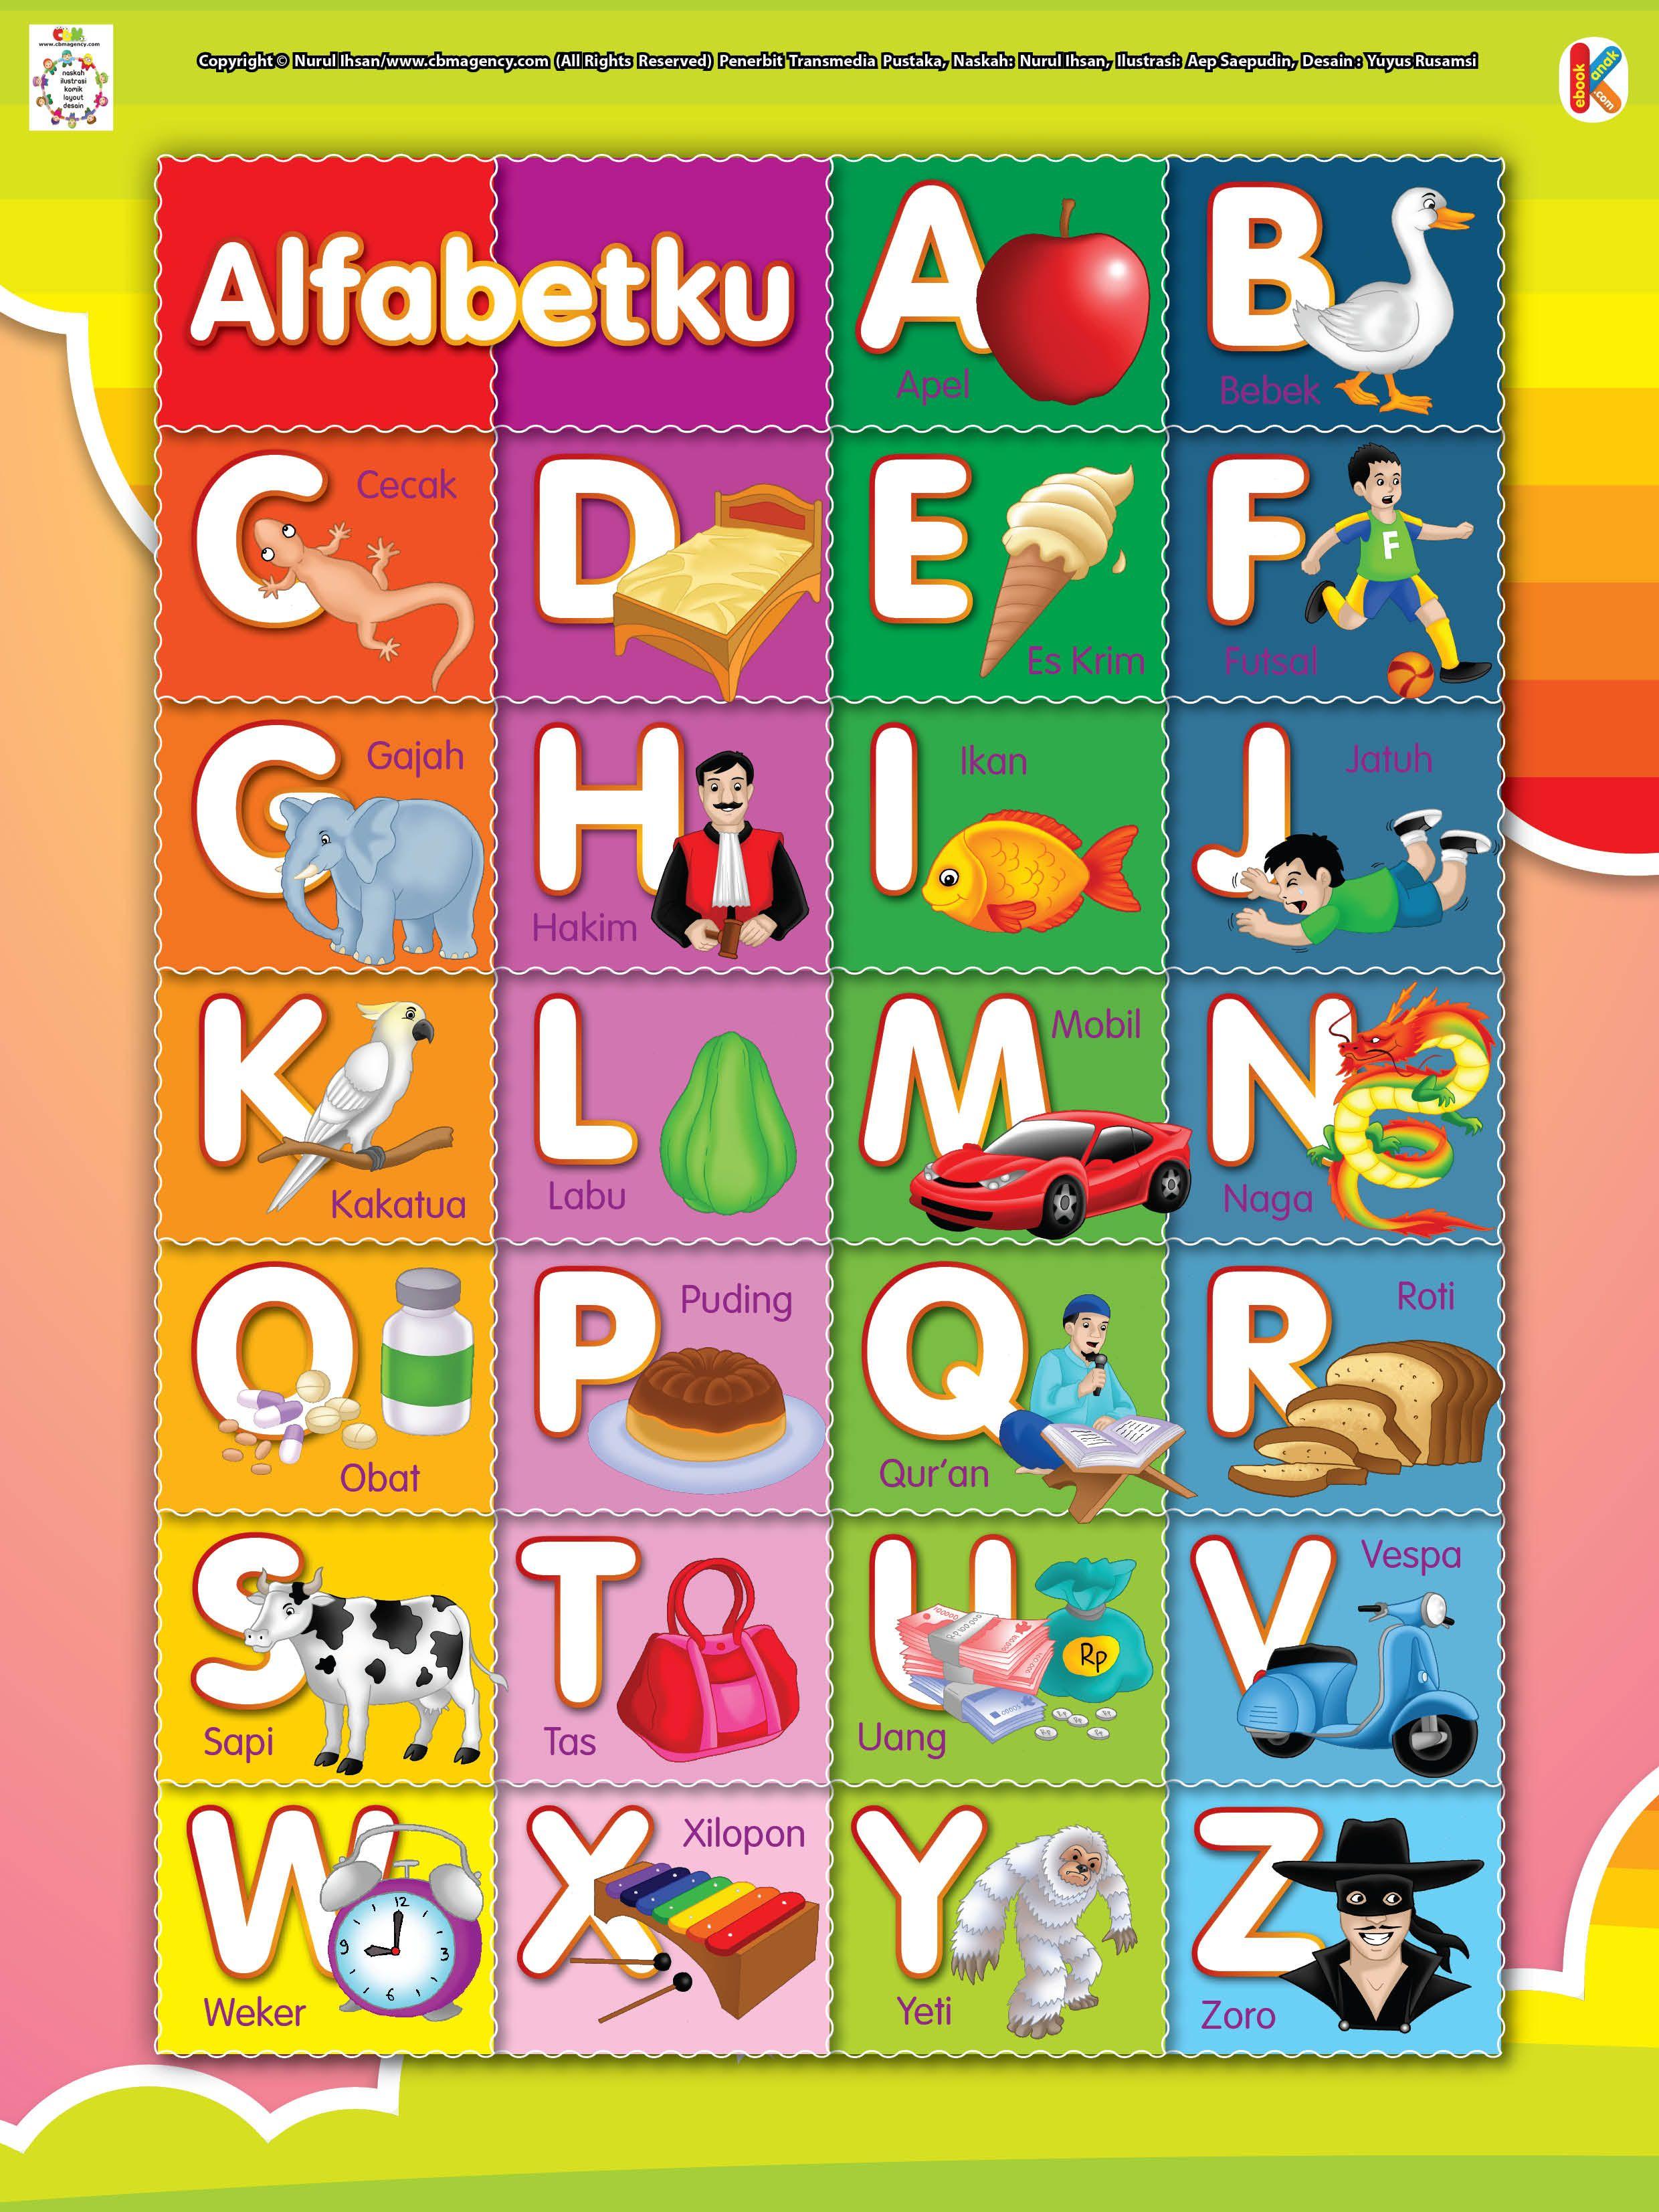 Membaca dan Menulis Huruf Alfabet Alfabet, Huruf, Belajar